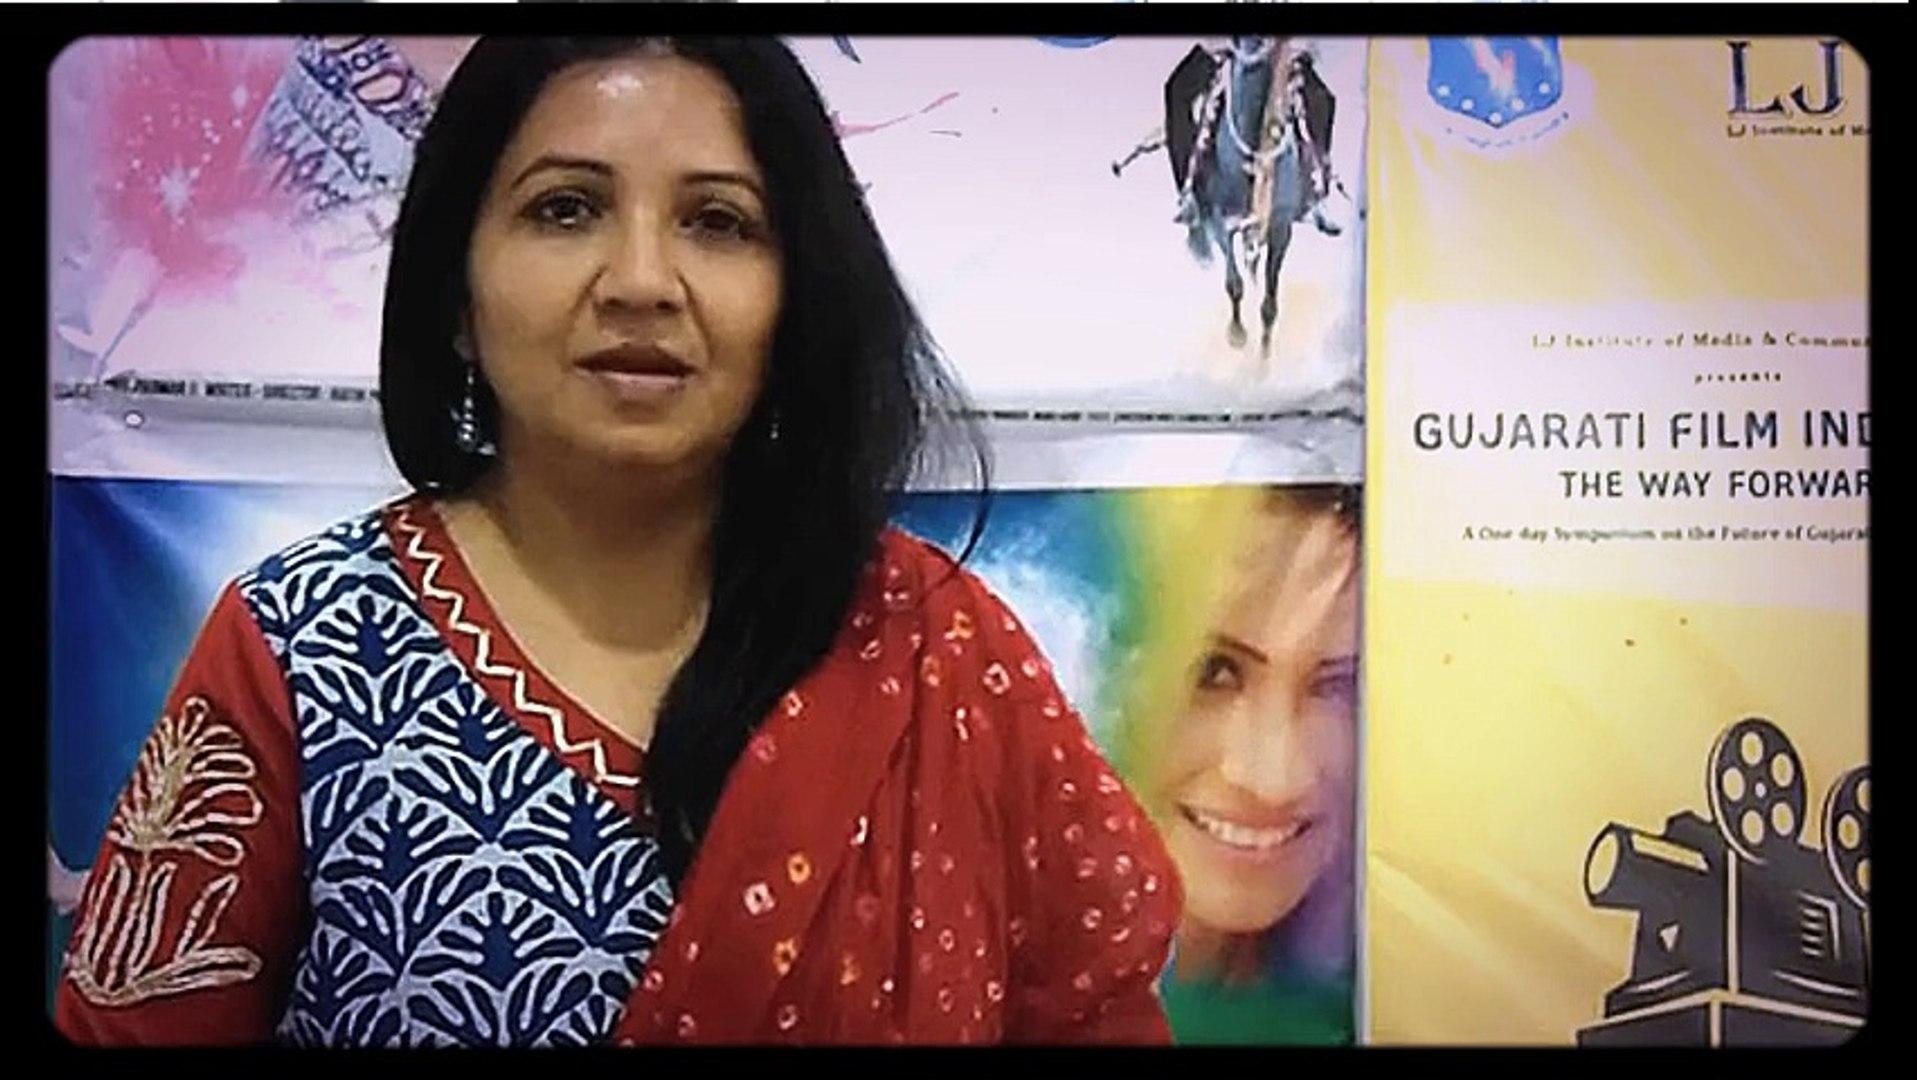 PremRang Movie | PremRang | Gujarati movie | Trailer | upcoming movie